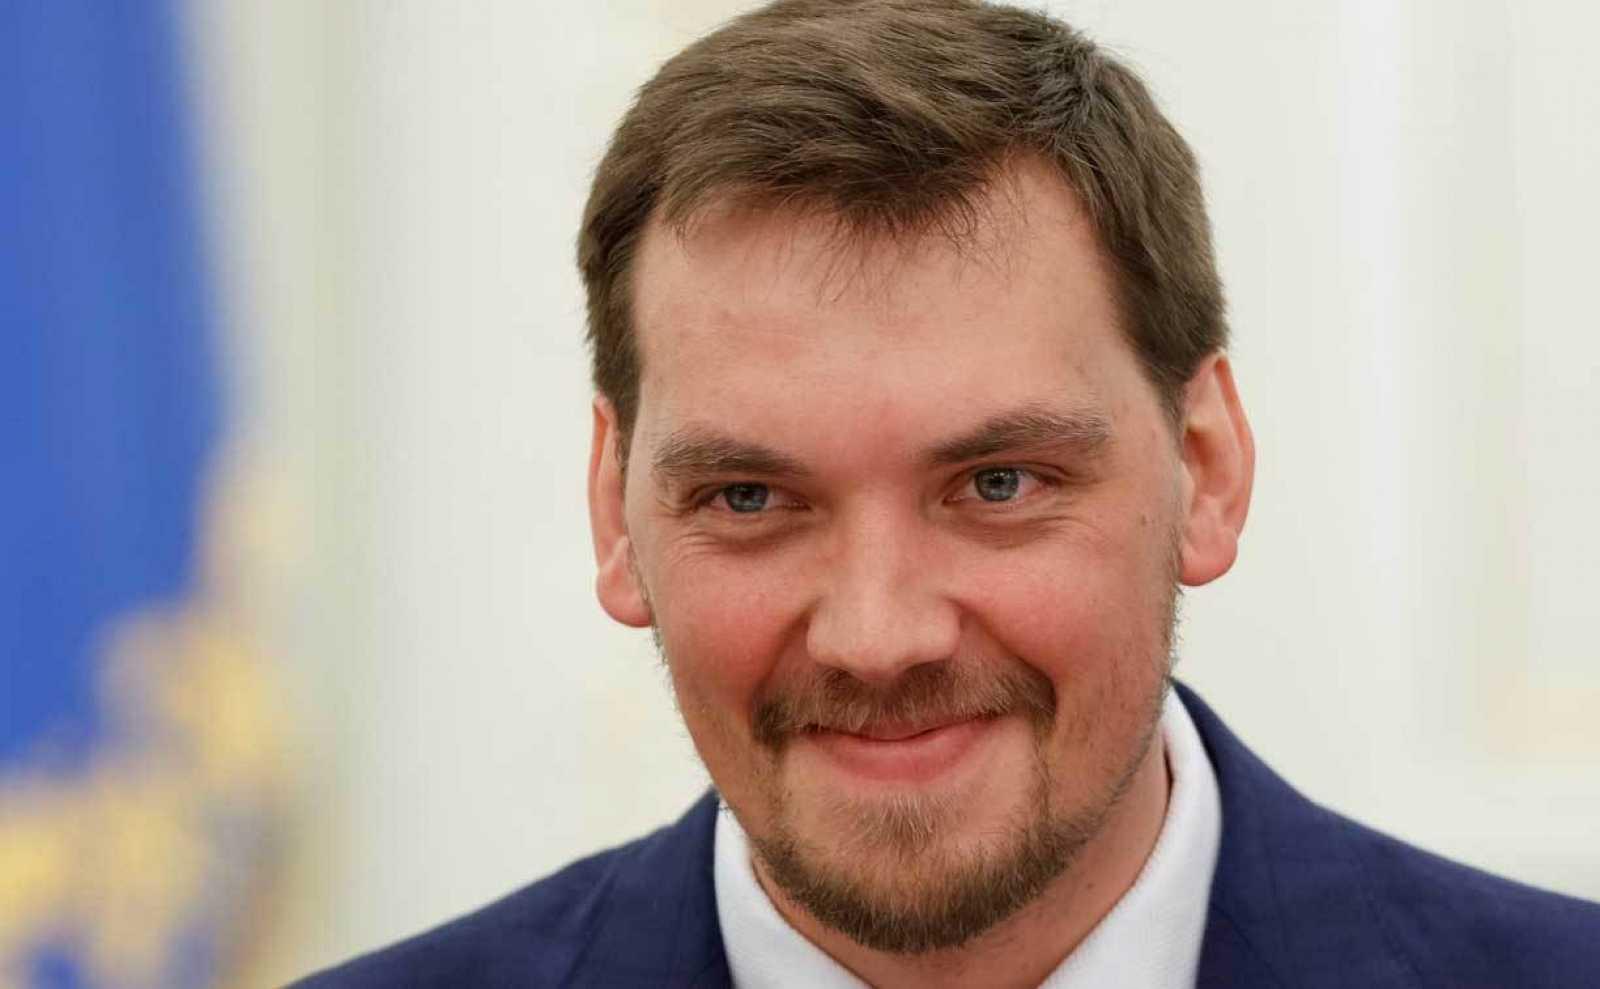 Dimite el primer ministro de Ucrania por unas grabaciones en las que supuestamente critica al presidente